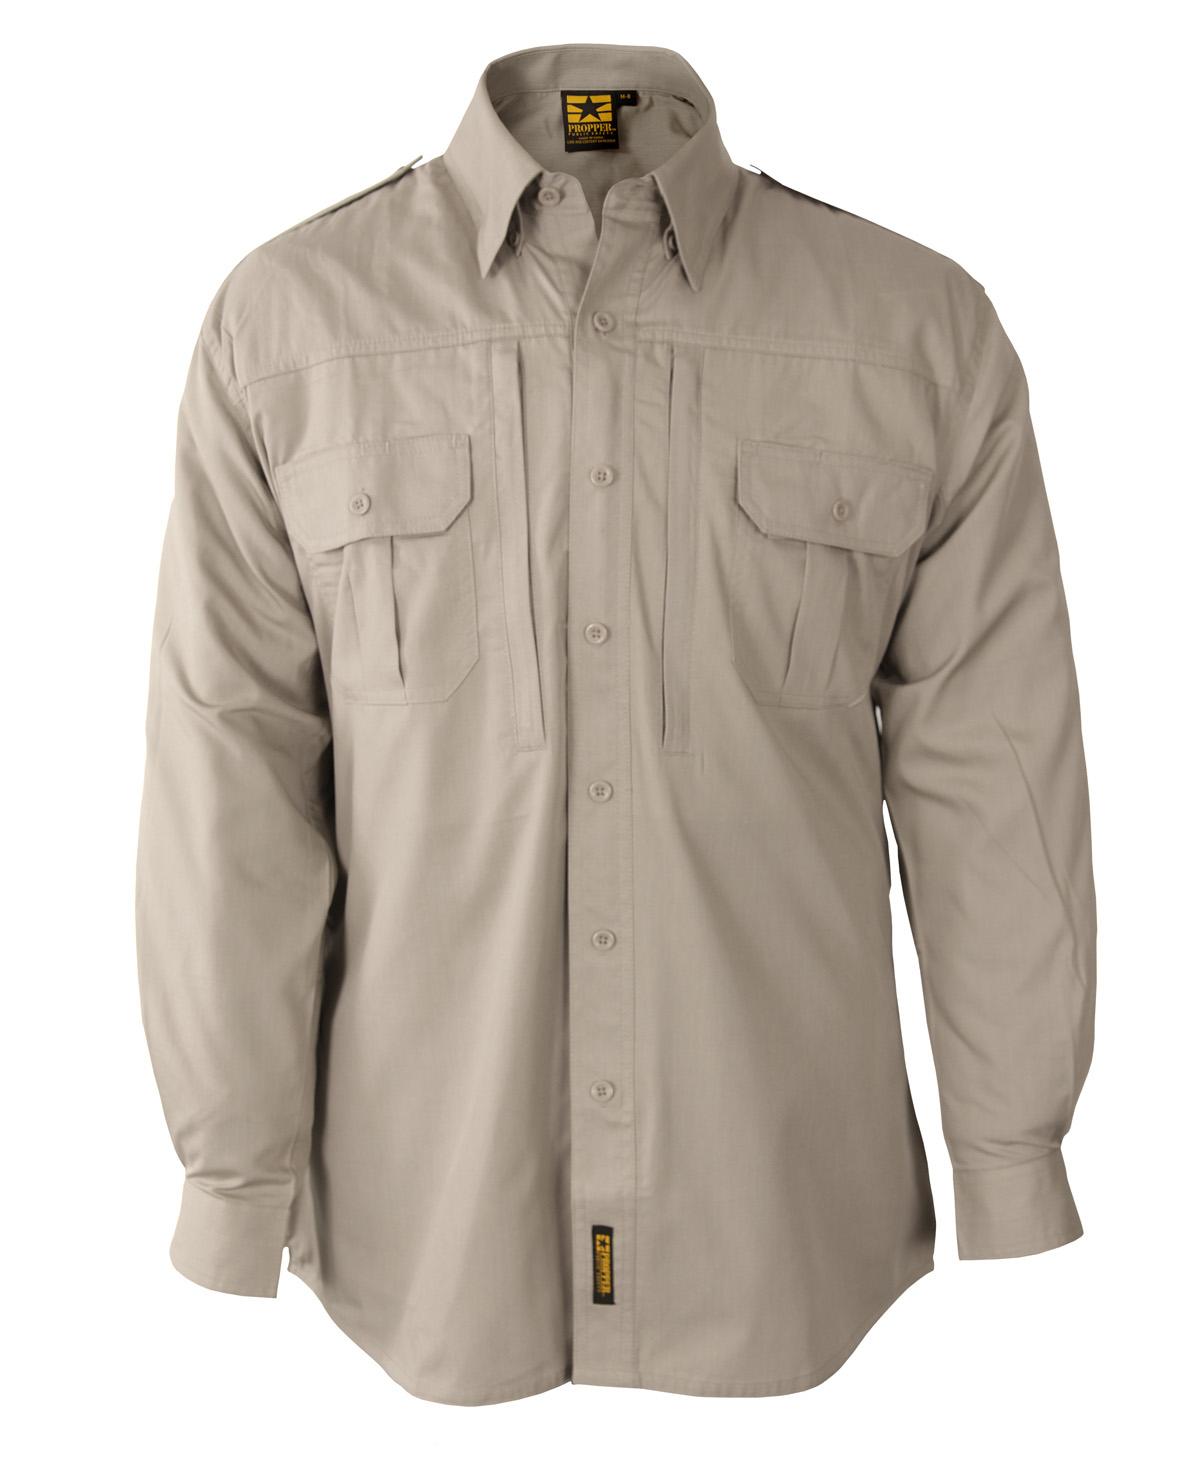 2a8efc0b366 Details about Propper Tactical Lightweight Long Sleeve Shirt